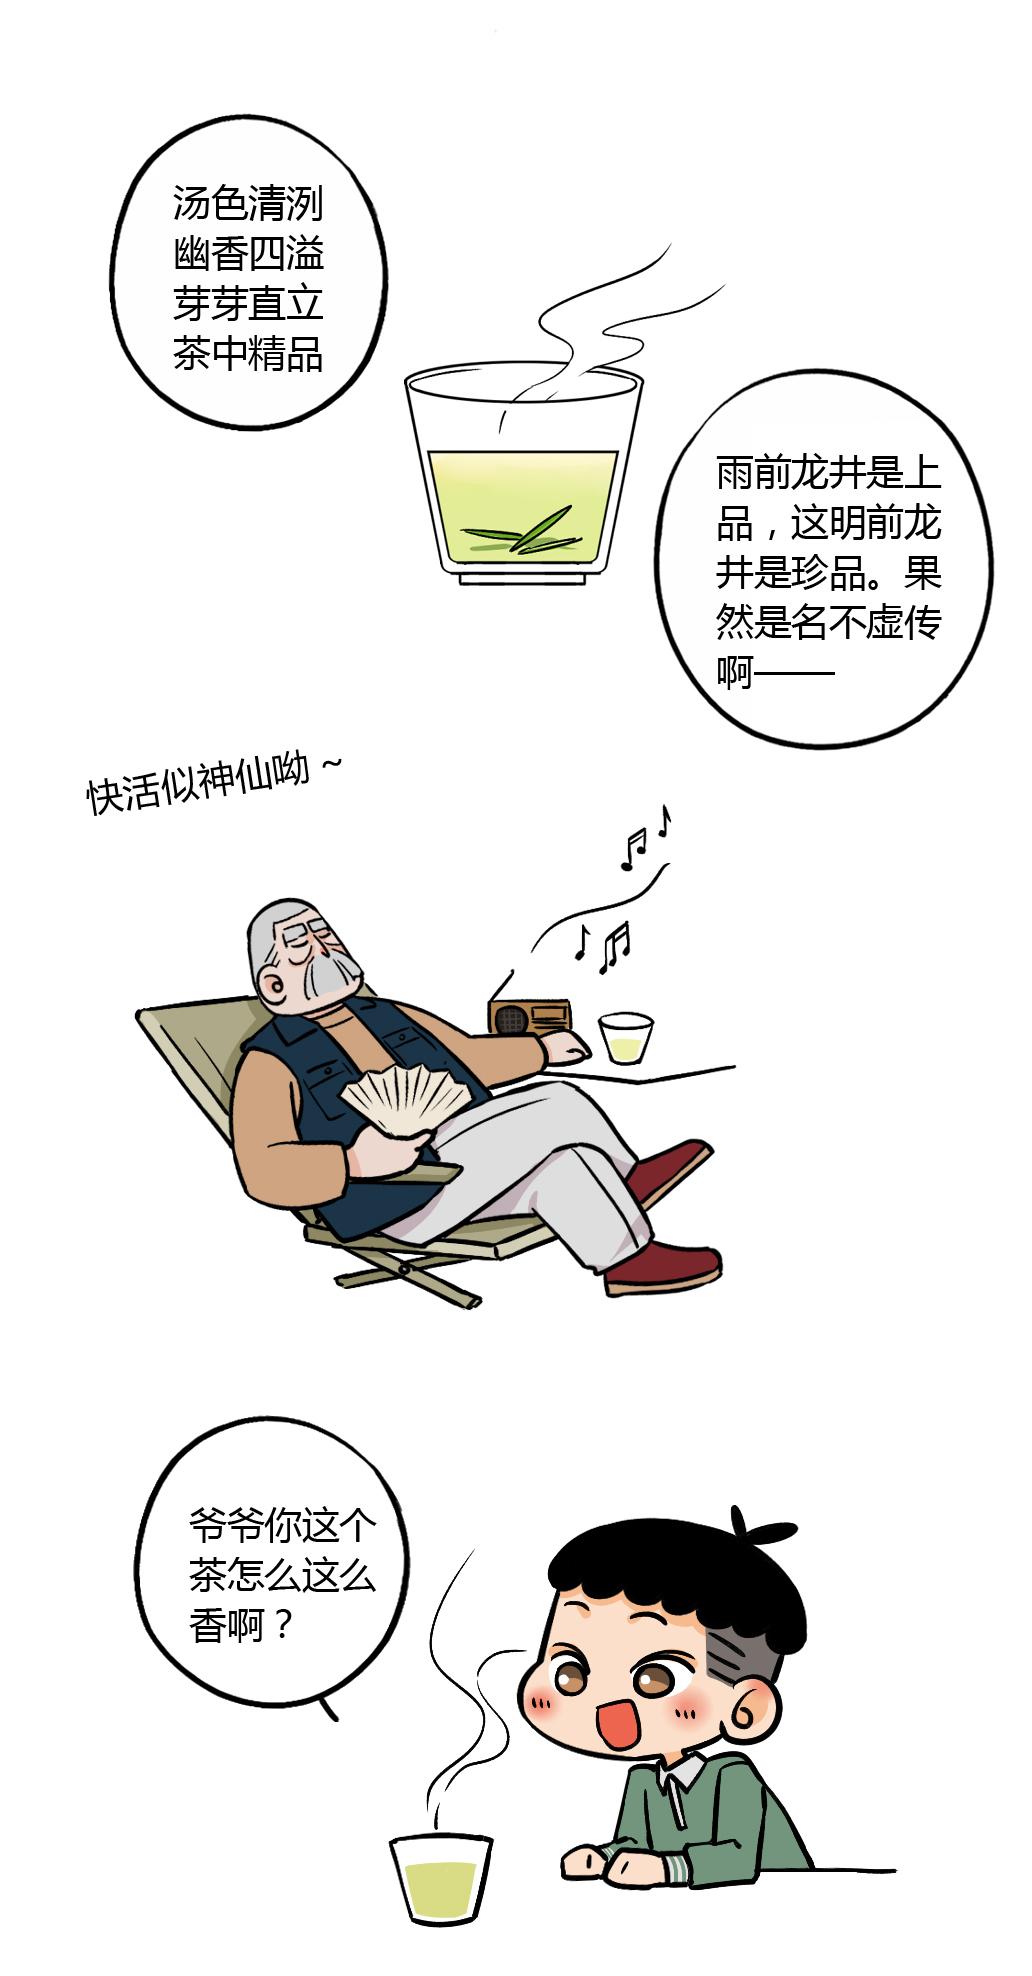 谷雨01.jpg